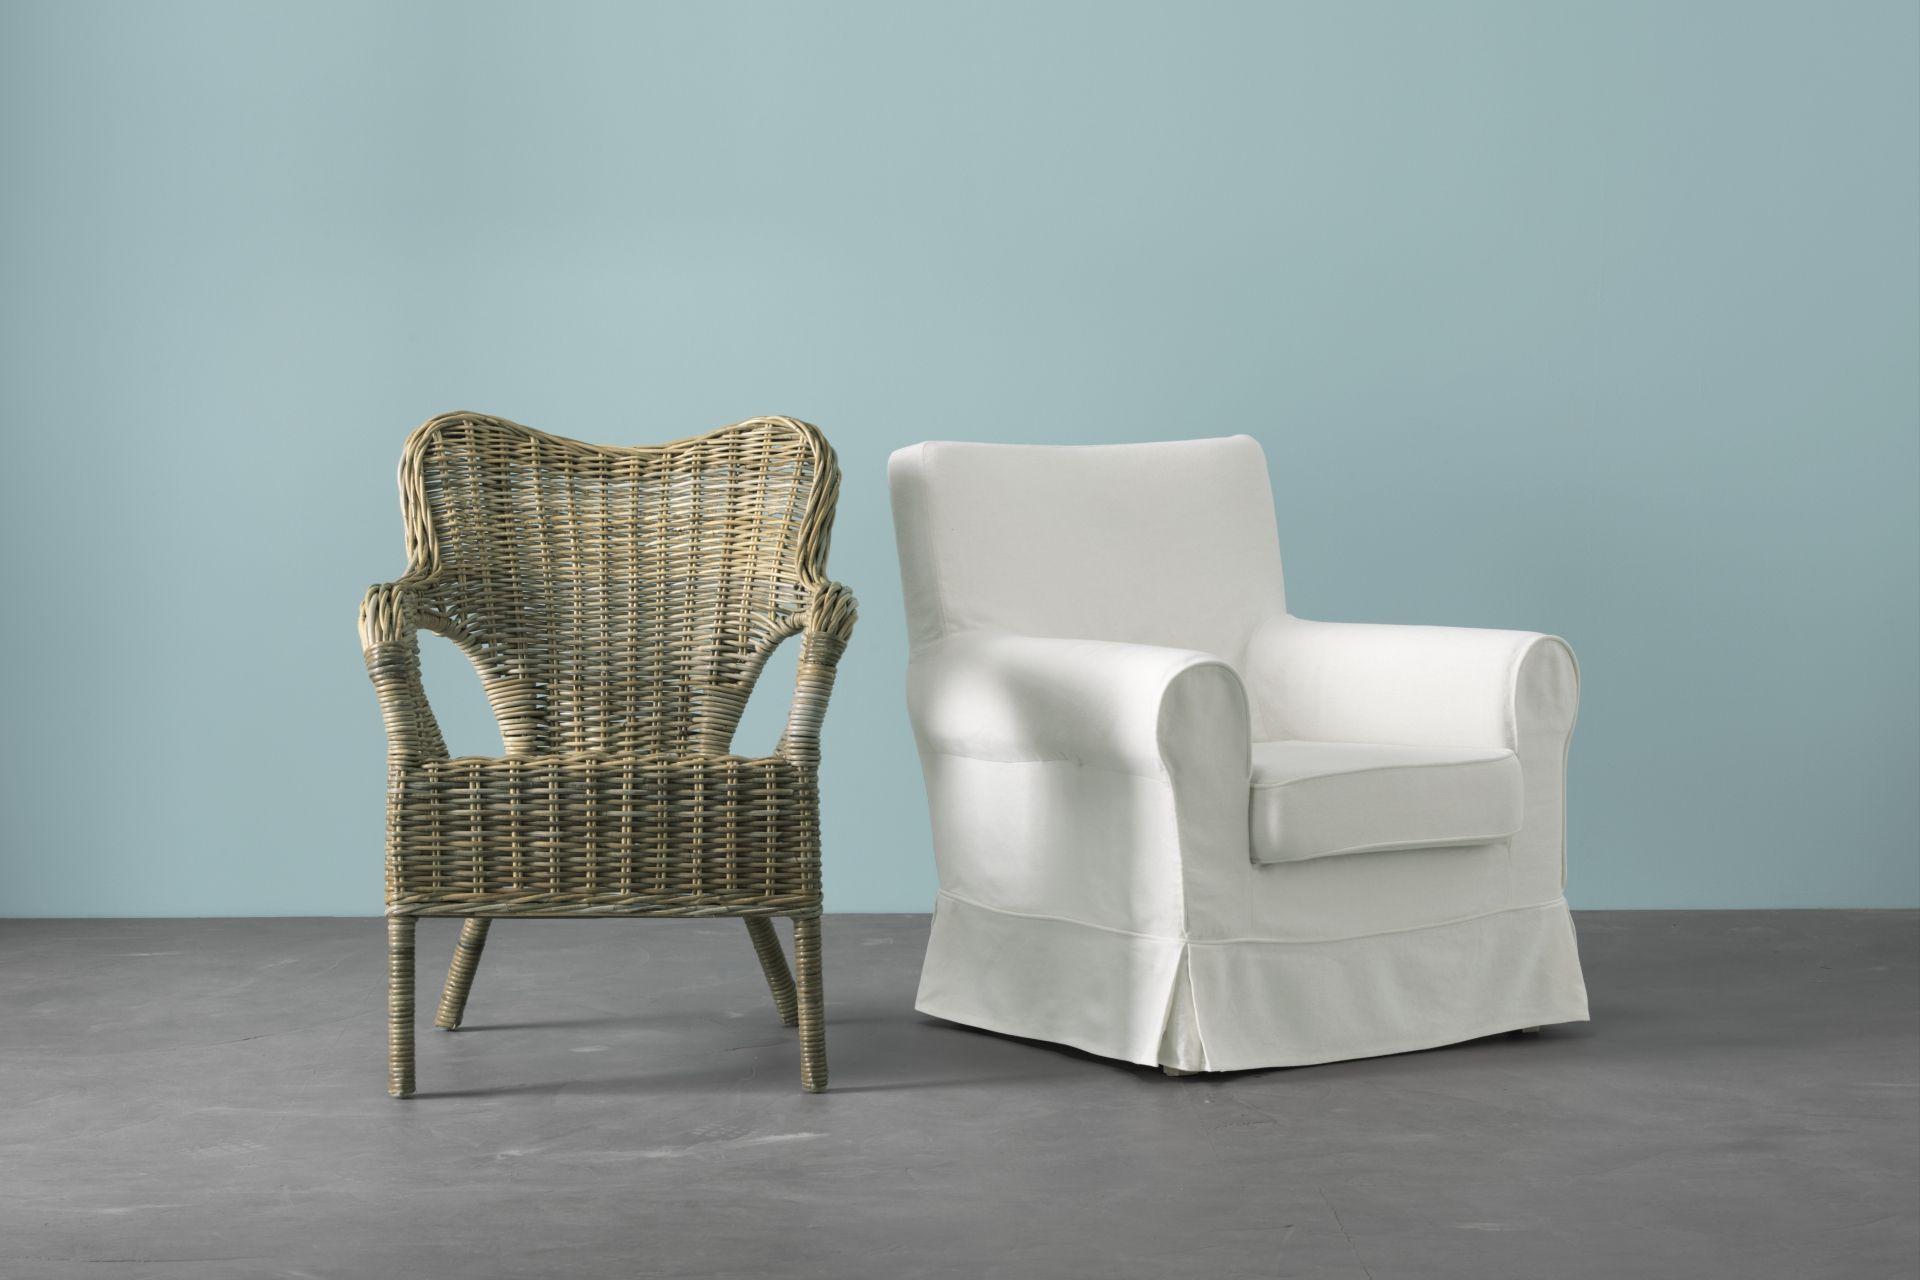 Ikea Stoel Wit : Ektorp fauteuil vittaryd wit pinterest